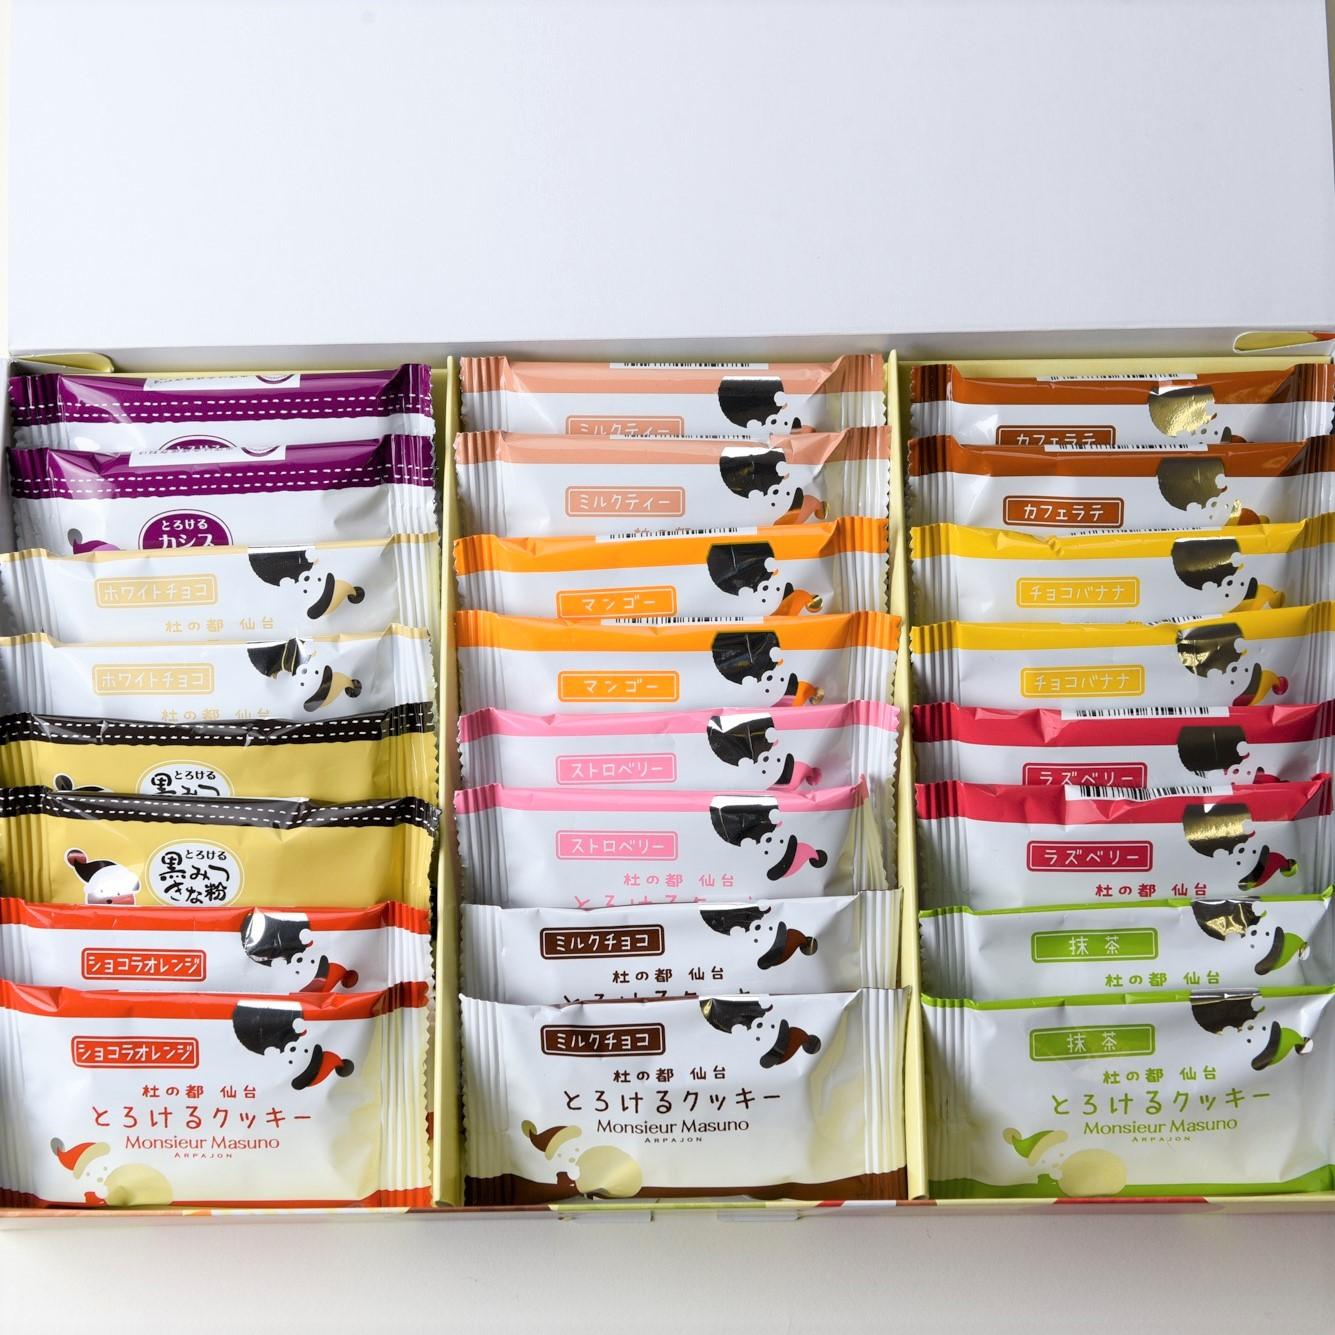 商品は ミルクチョコ、ホワイト、抹茶、カフェラテ、スィートオレンジ、ストロベリーになります。※袋のフィルム・商品名が一部変更になる場合がございます。